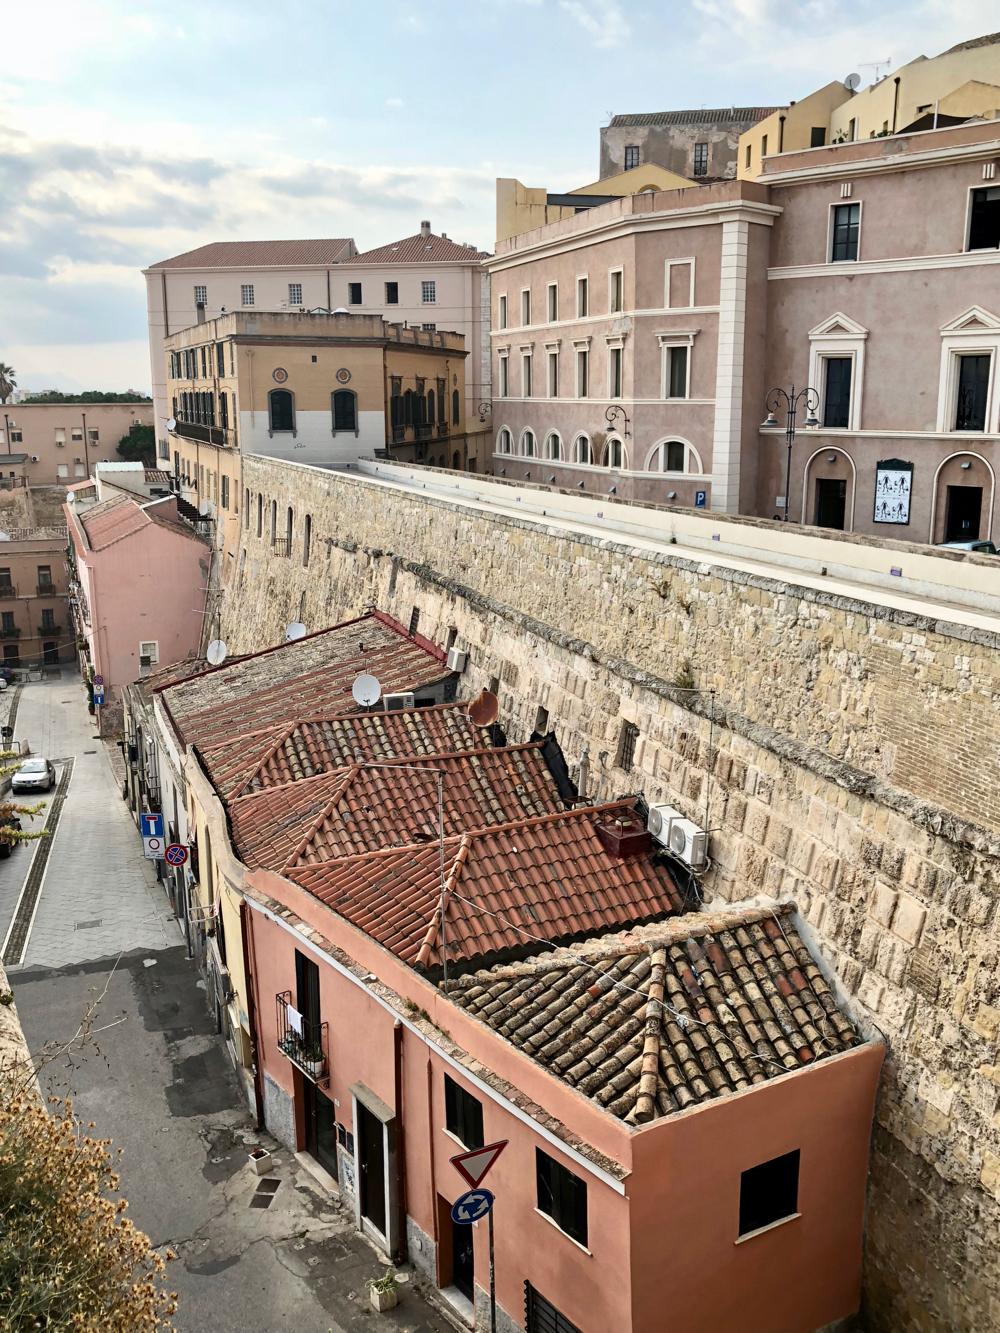 Cagliari oude binnenstad